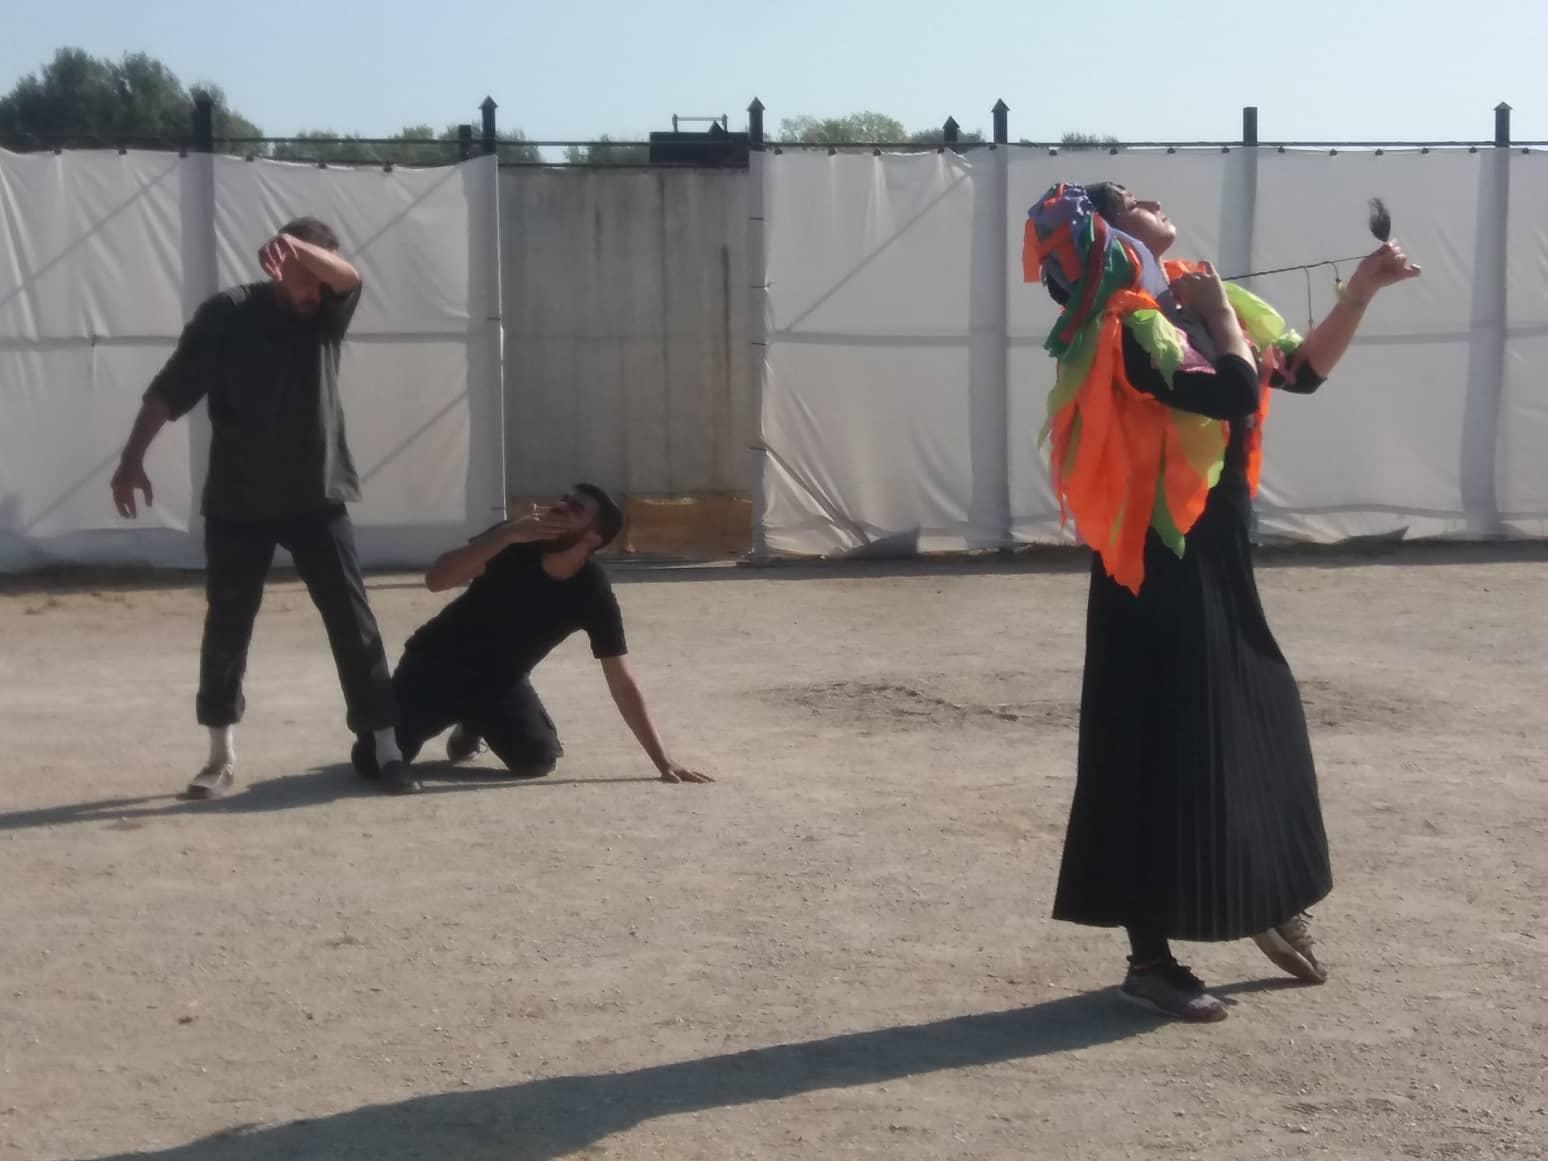 Ολύμπια εν Δίω - Στιγμιότυπα από την παράσταση Όρνιθες του Αριστοφάνη από την Σχολή Καλών Τεχνών του Ιράν